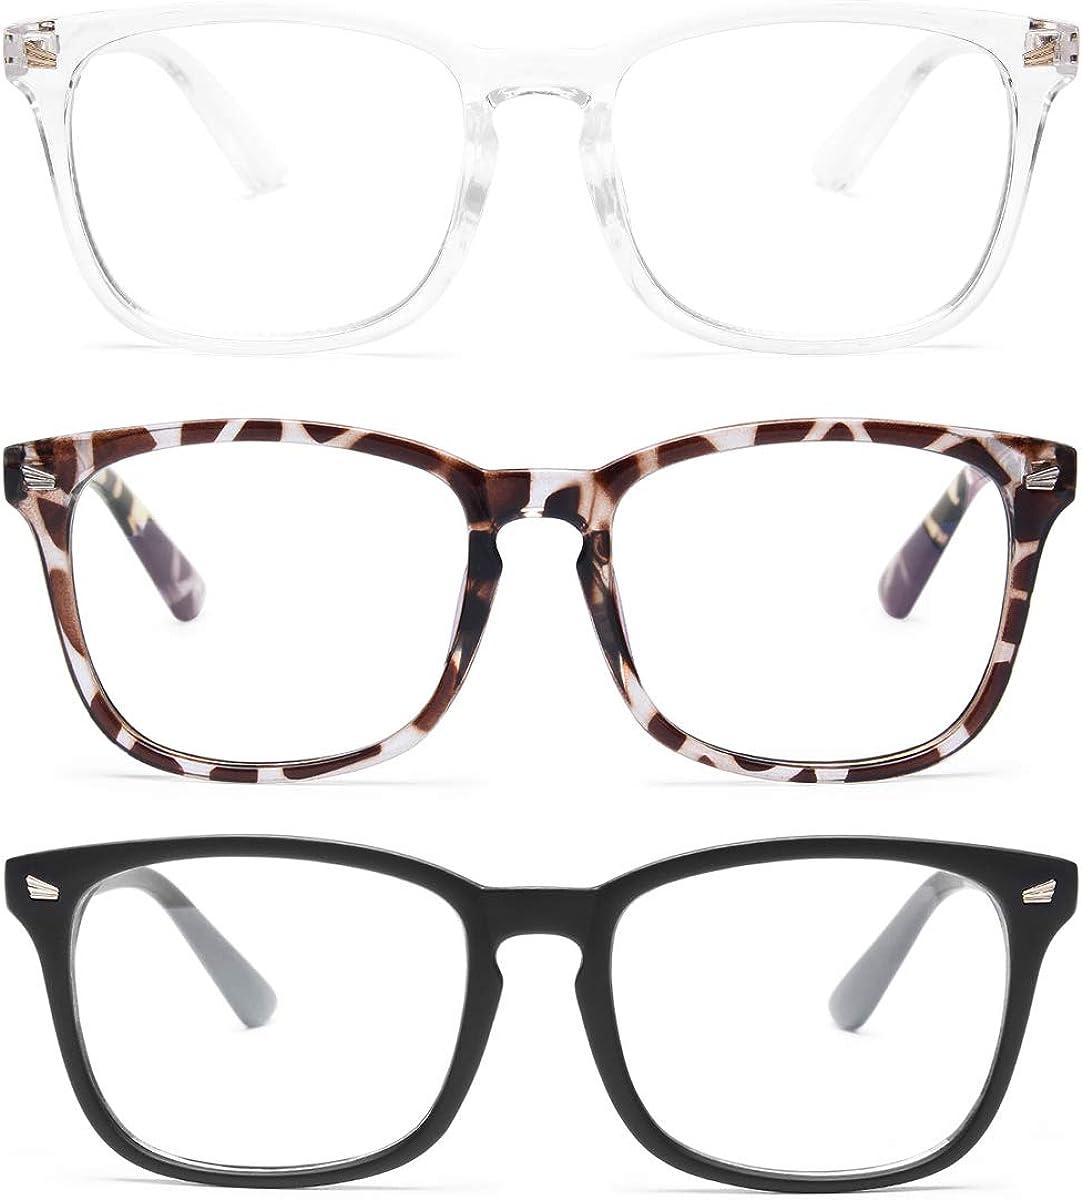 Gaoye 3-Pack Blue Light Blocking Glasses, Fashion Square Fake Nerd Eyewear Anti UV Ray Computer Gaming Eyeglasses Women/Men